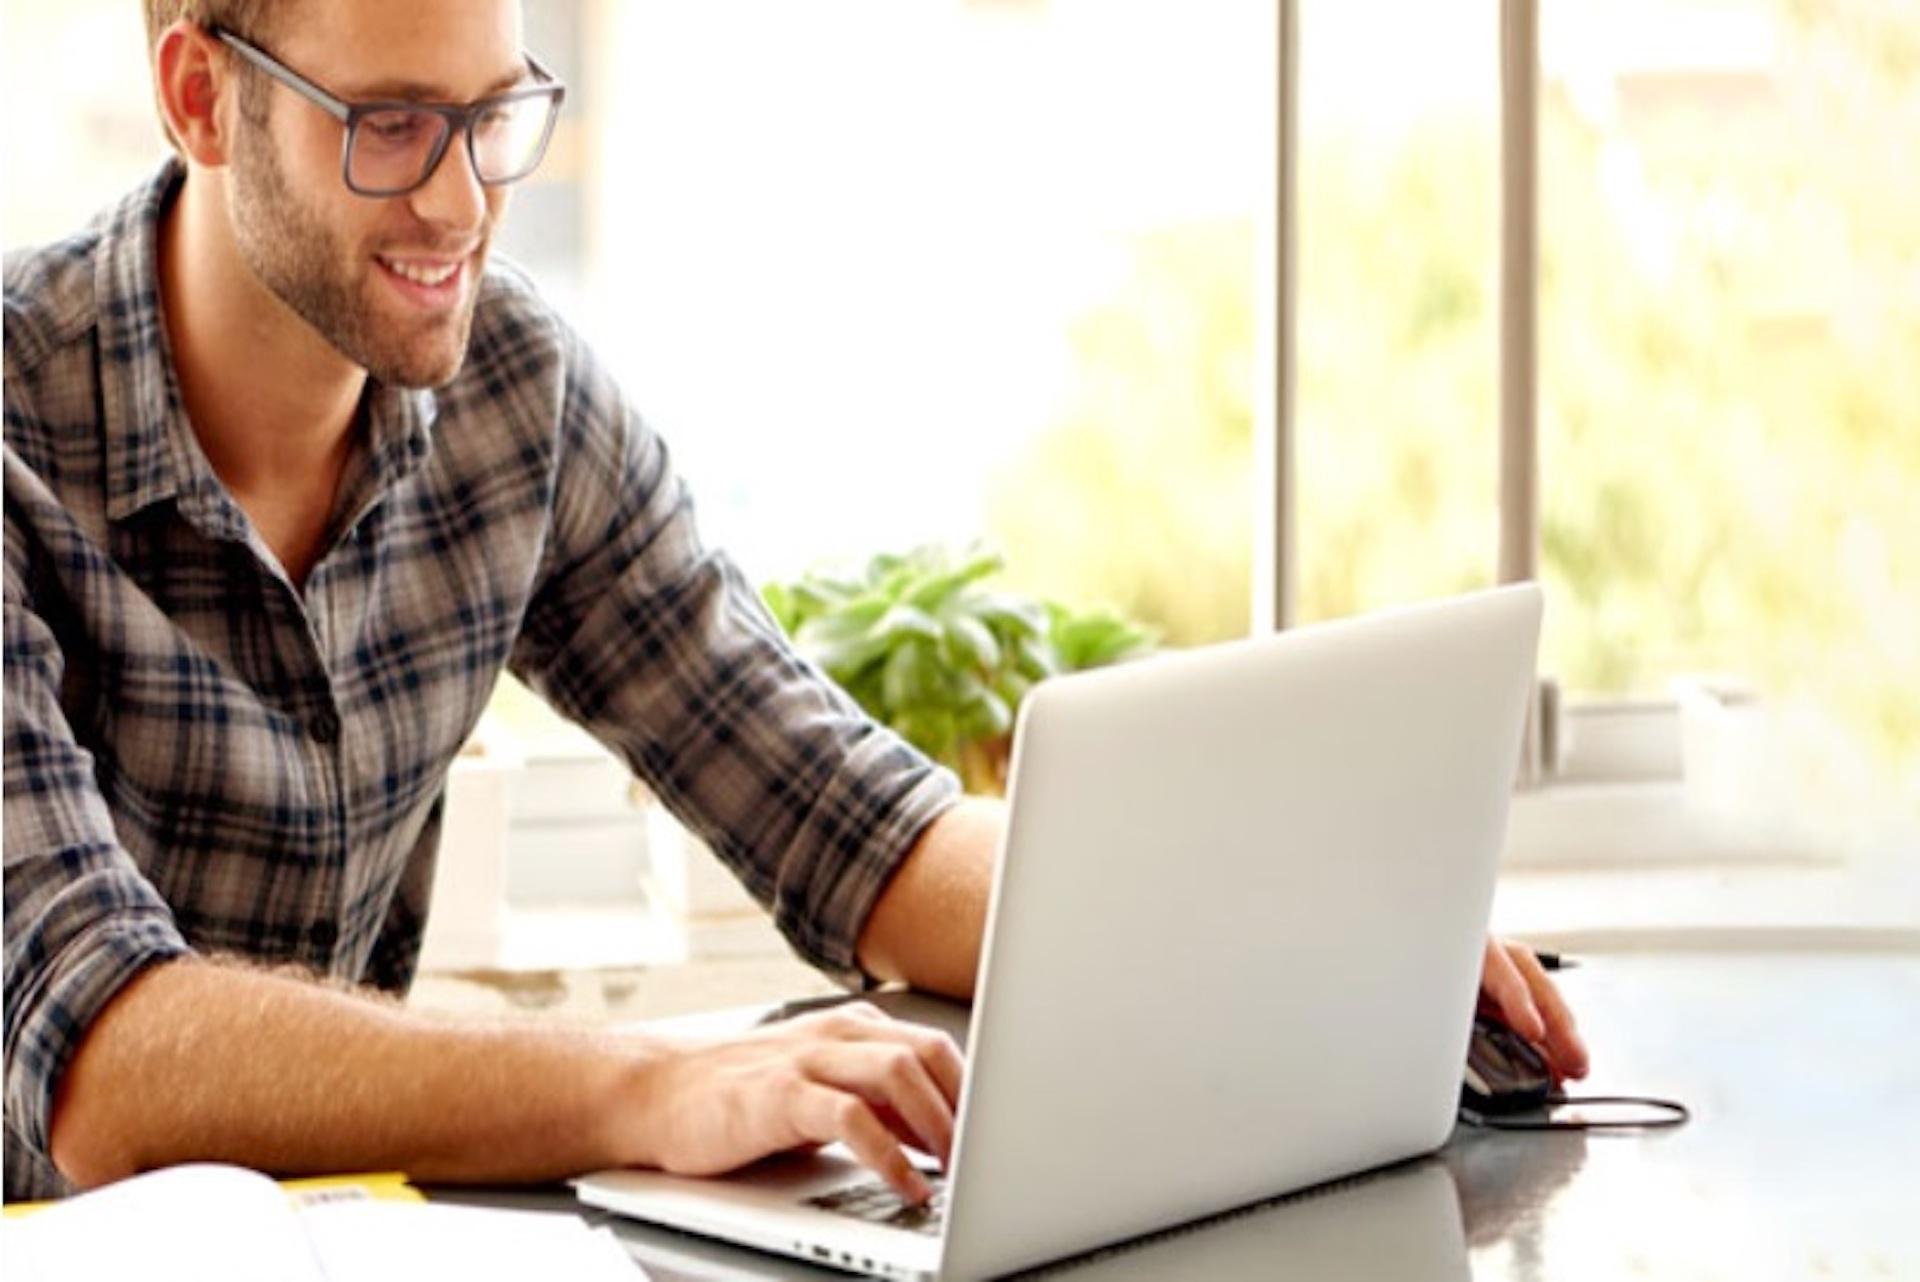 Homme jouant sur son ordinateur